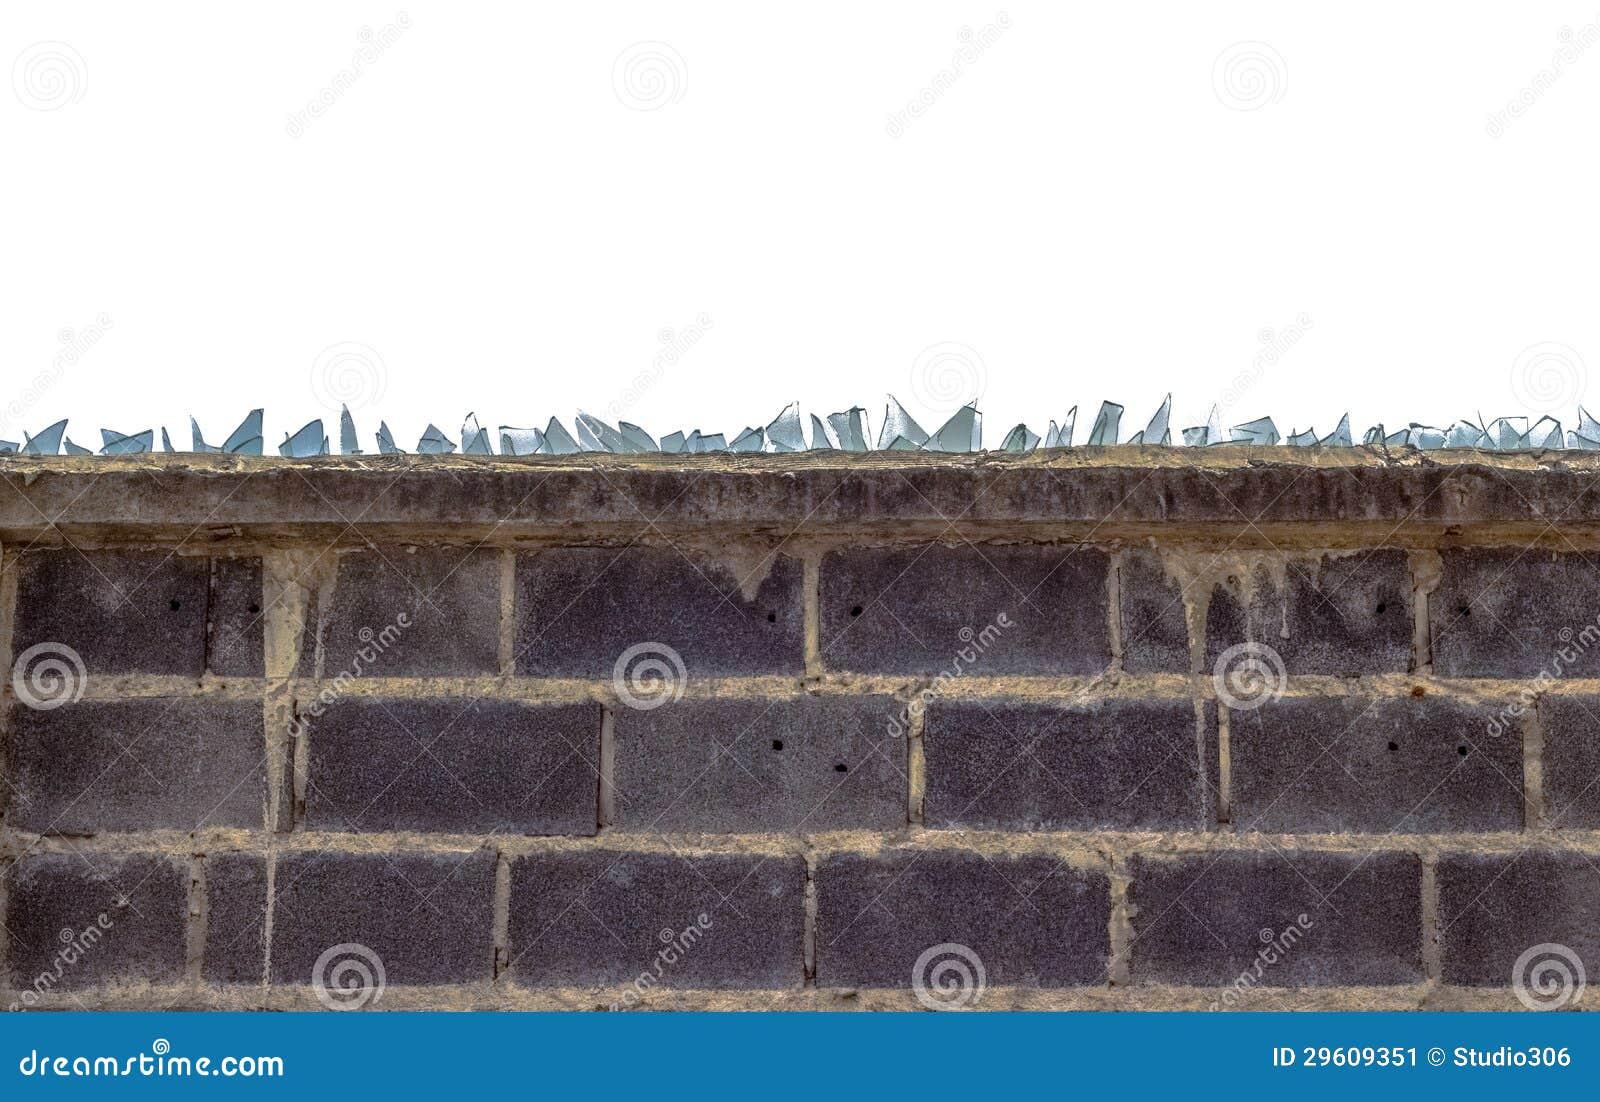 mur de briques rugueux et verre cass image stock image. Black Bedroom Furniture Sets. Home Design Ideas